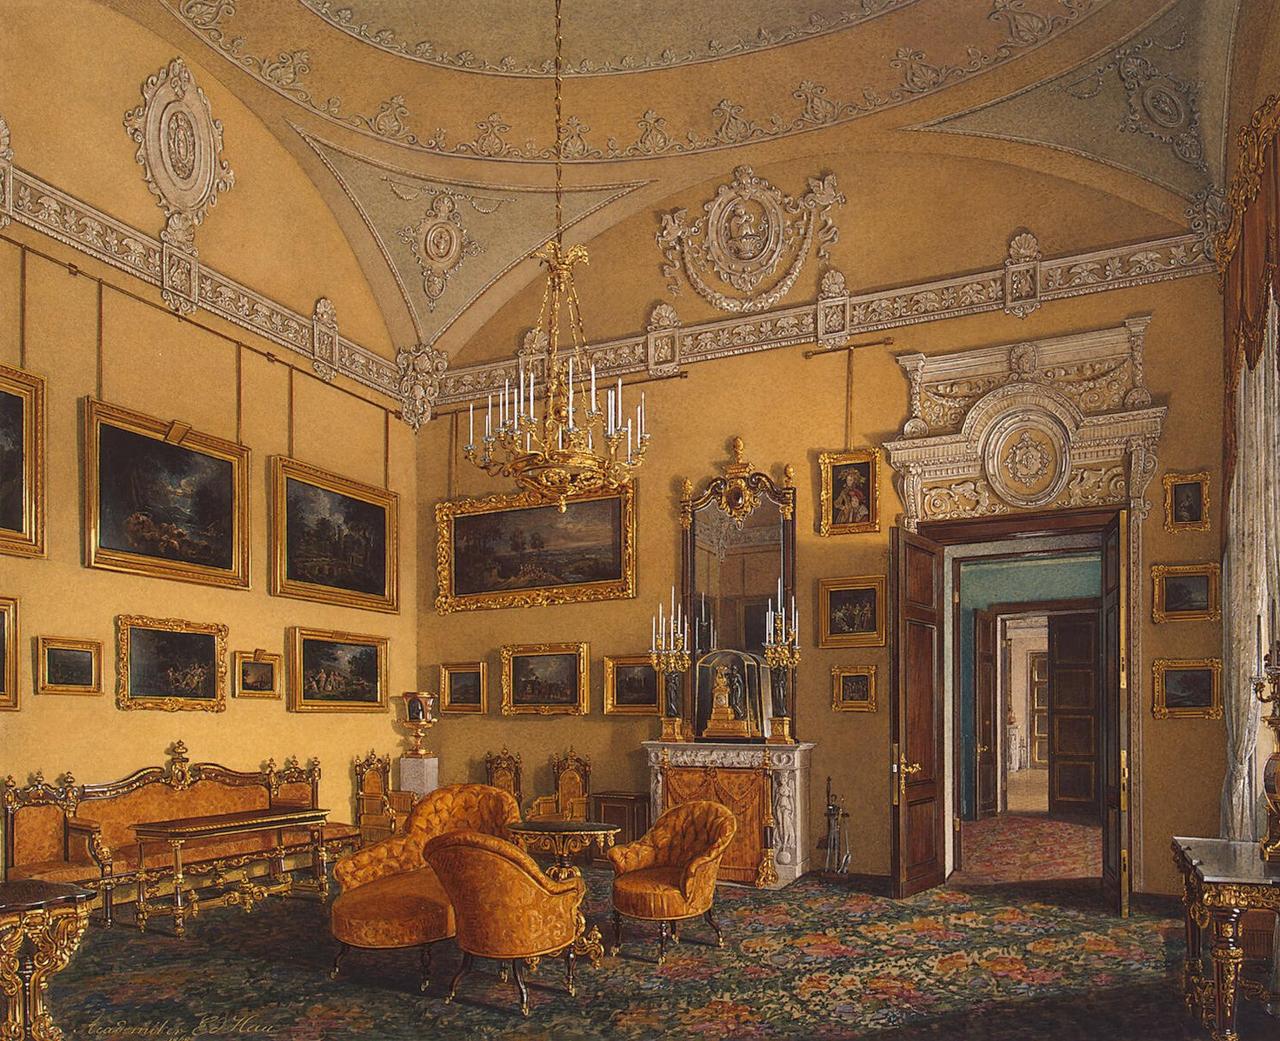 Интерьеры Зимнего дворца. В гостиной герцога М. Лейхтенбергского